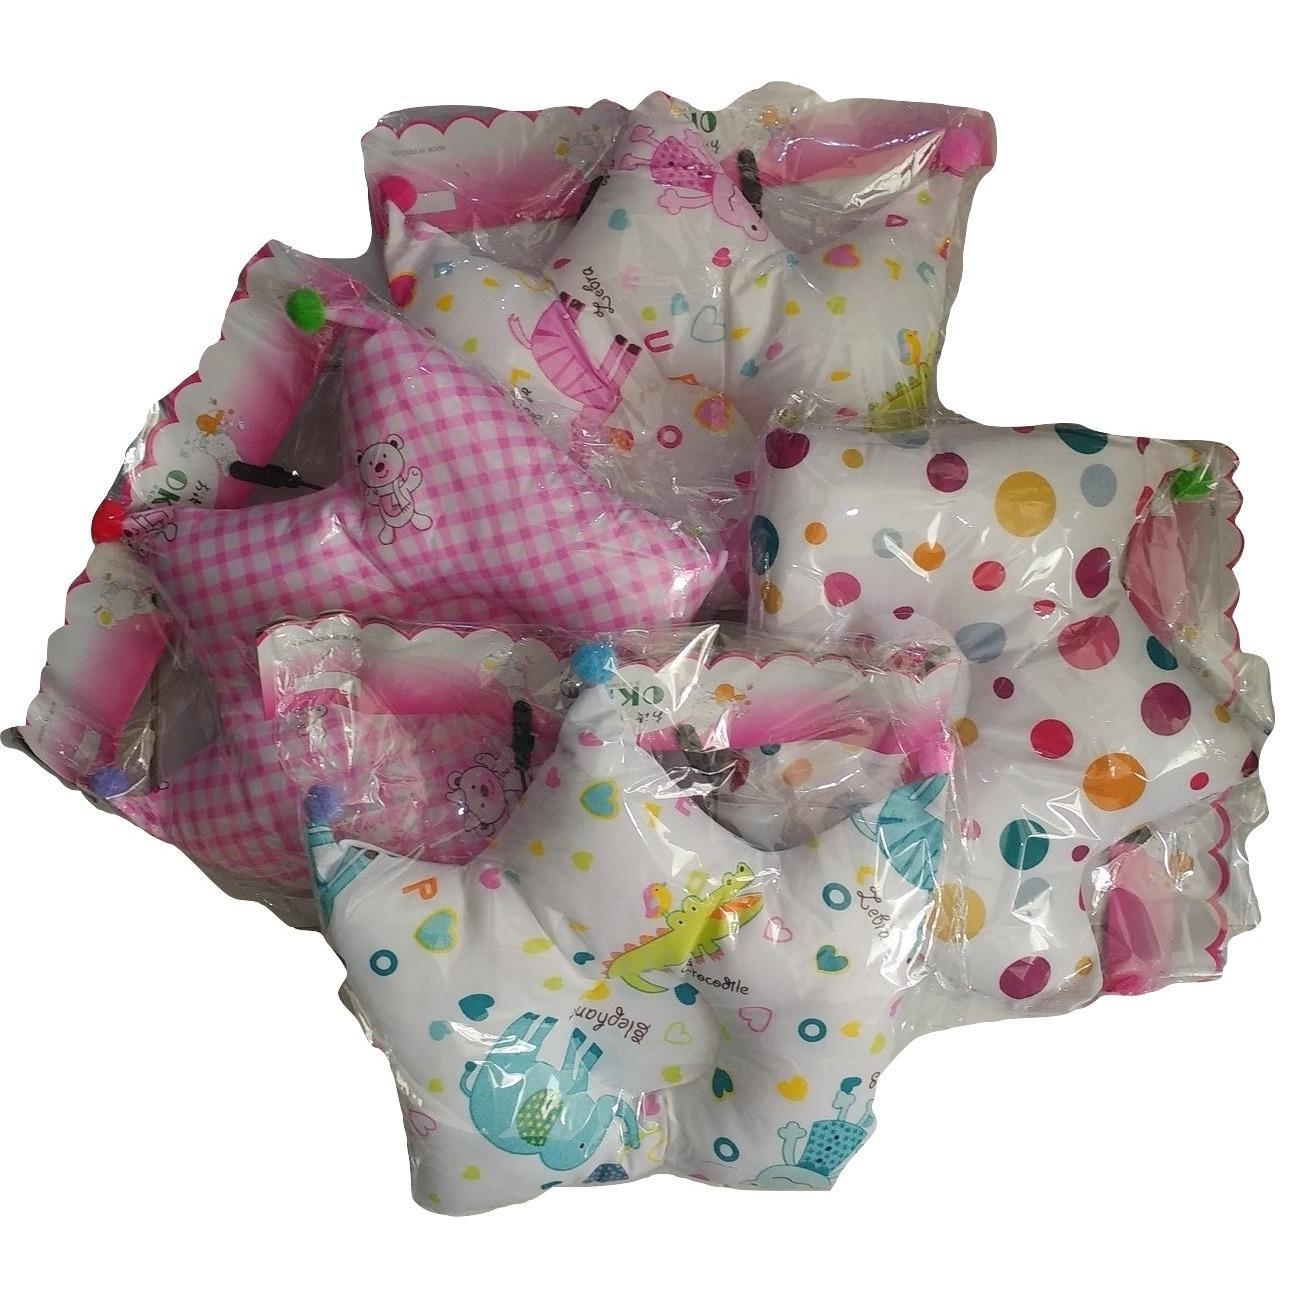 Discount JELOVA ANGELA 1pcs BANTAL ANTI PEYANG BABY BAYI MOTIF CROWN SNI STANDART - Random Colours